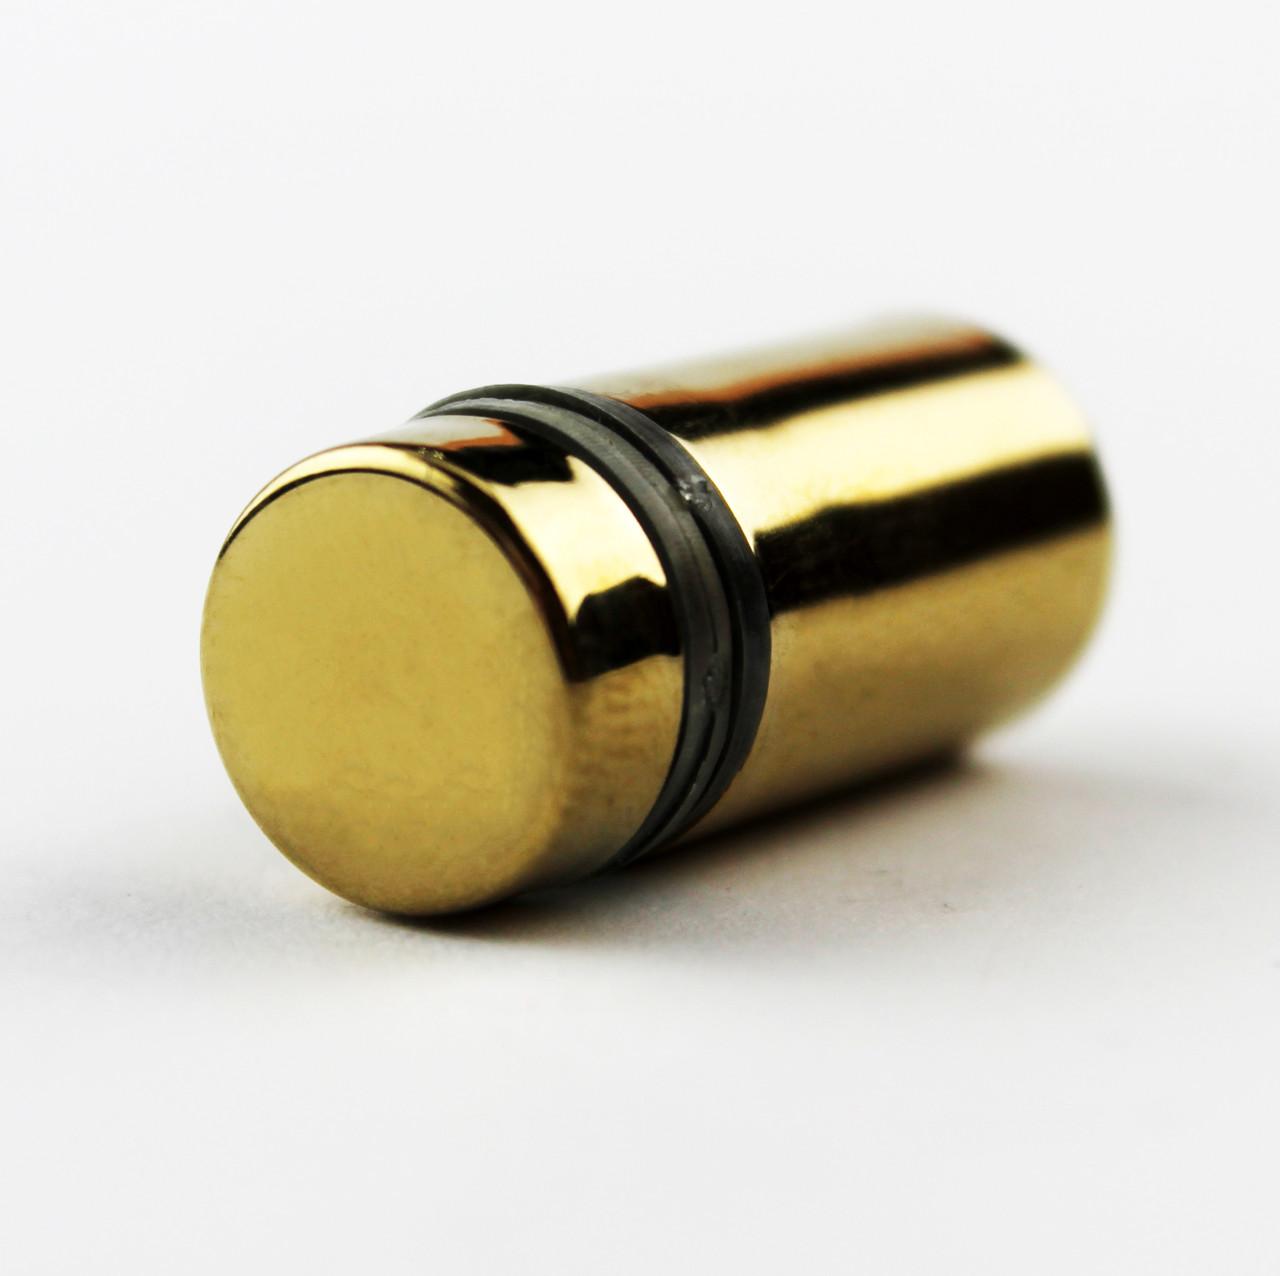 Дистанційний тримач Gold 12*30 мм.